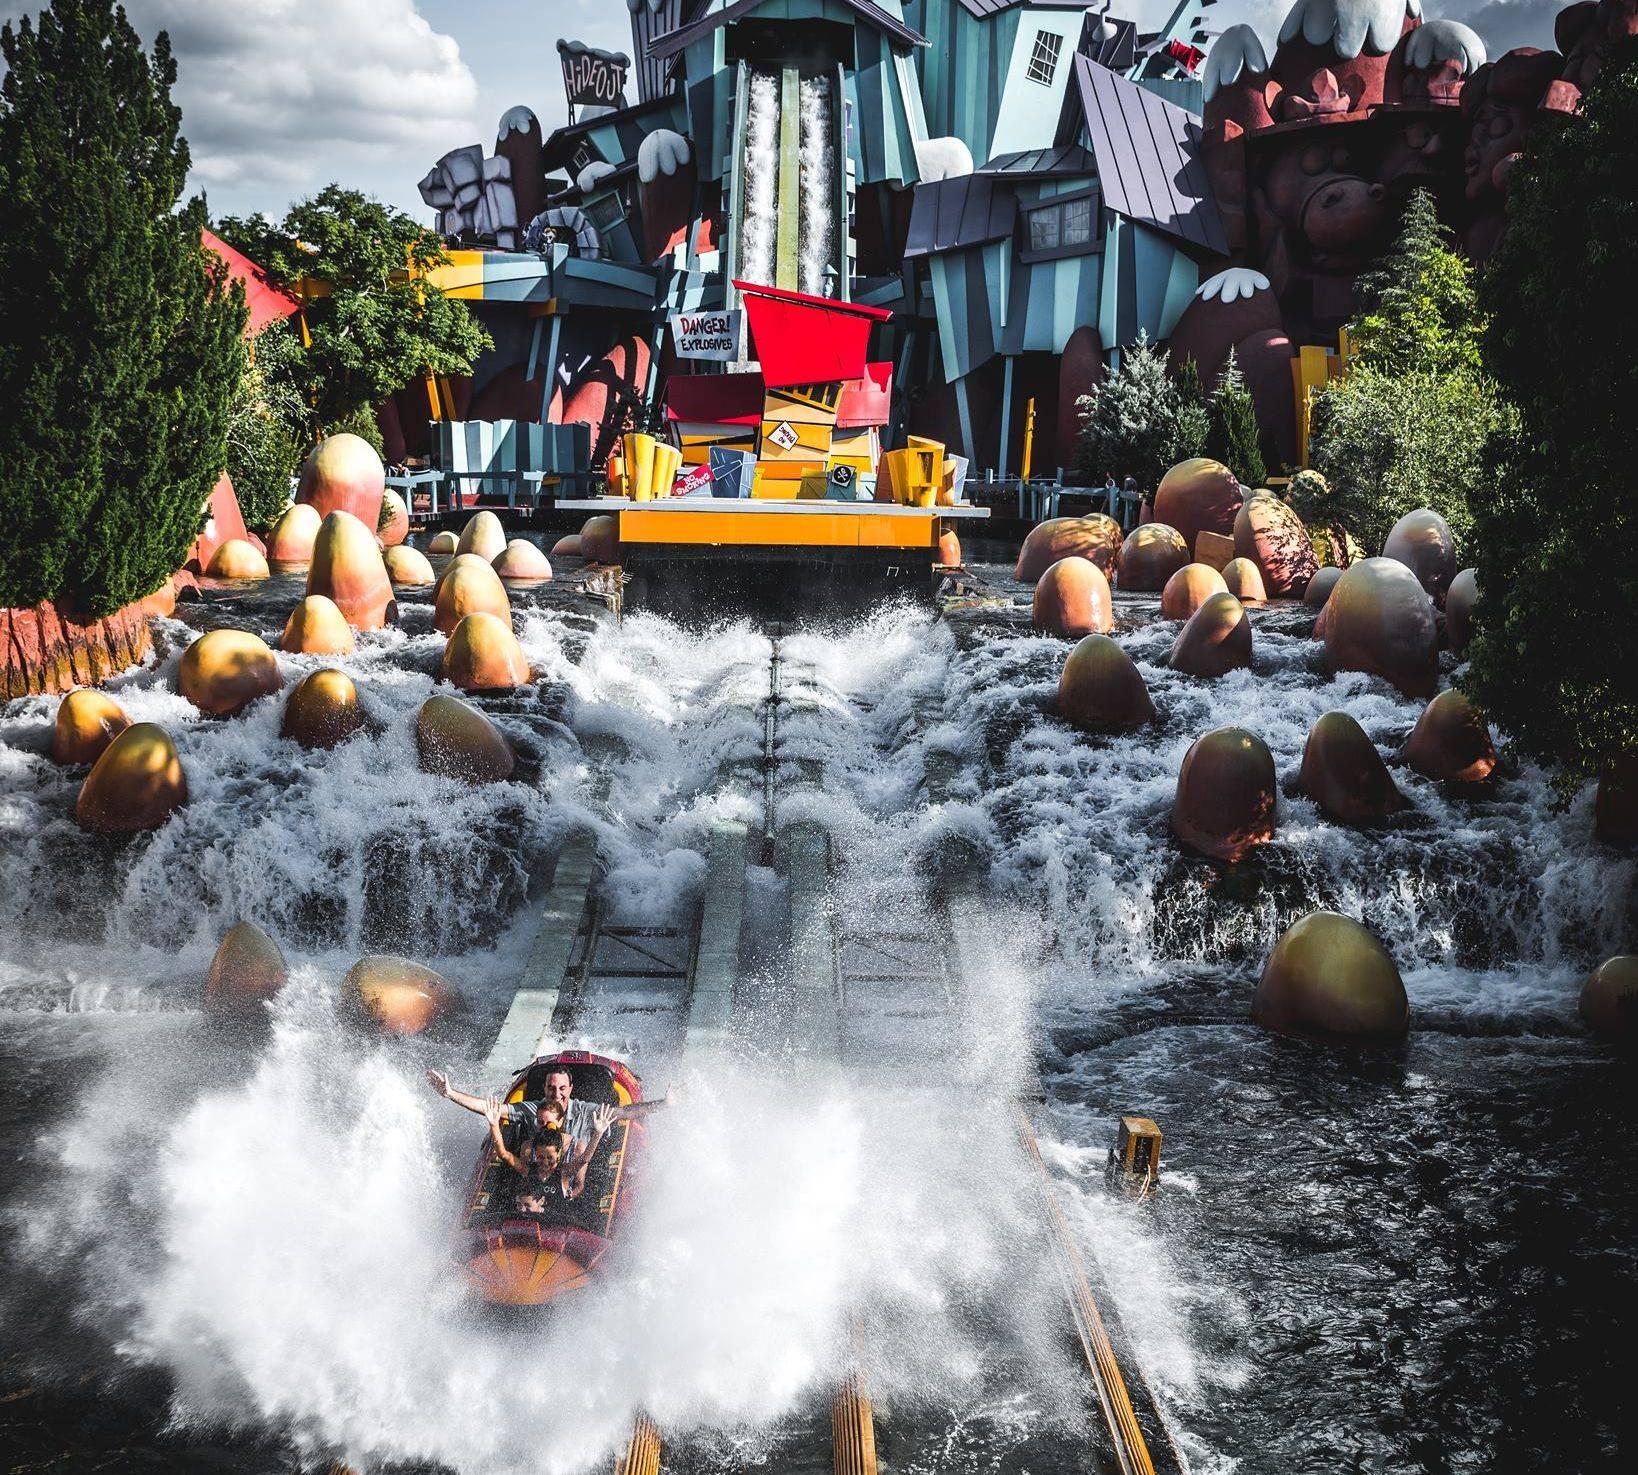 Os três parques temáticos do Universal Orlando Resort incluem atrações para toda família. Foto: divulgação.